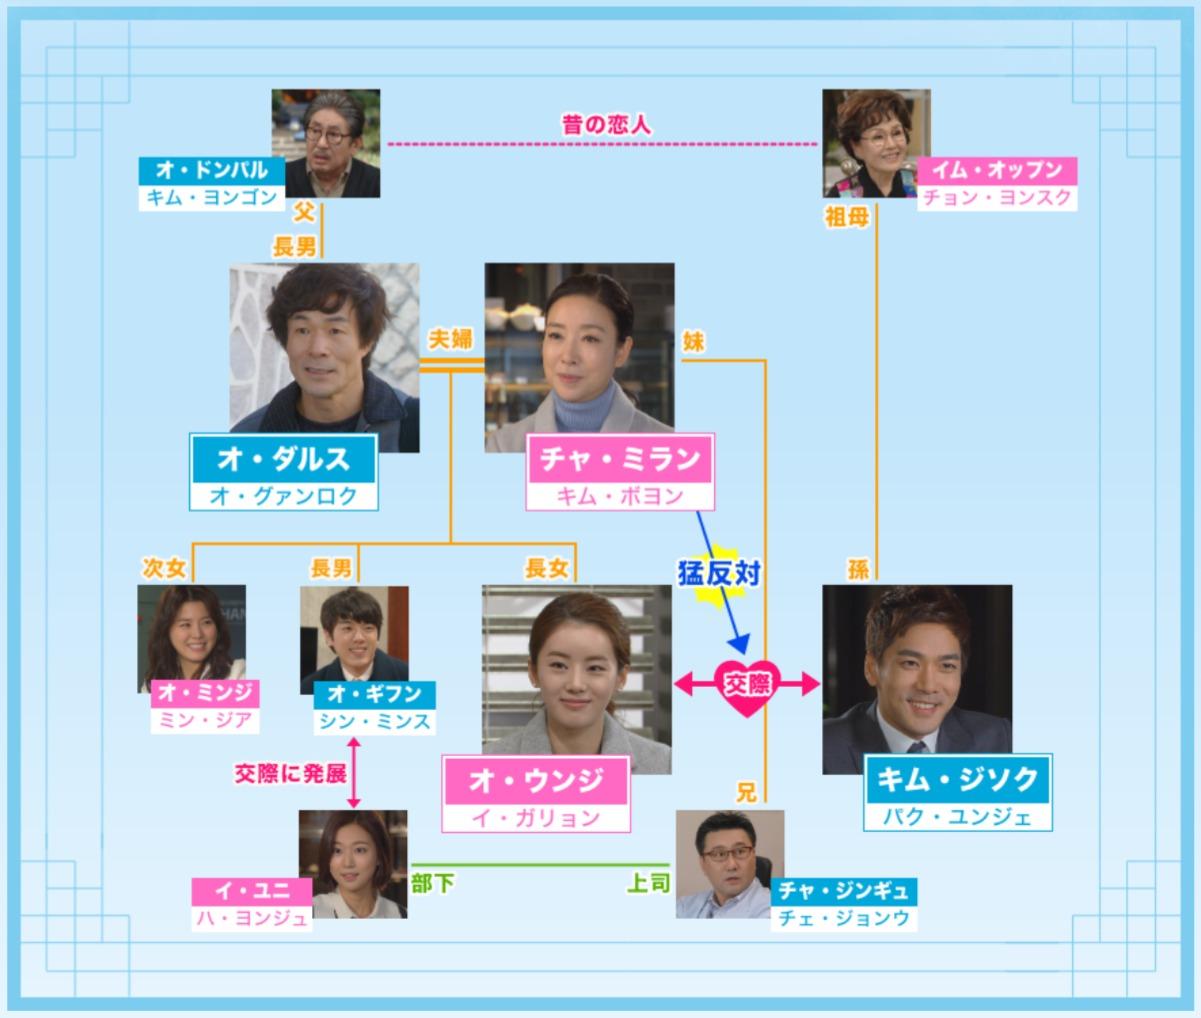 韓国ドラマ『不屈の婿』登場人物相関図(関係図)